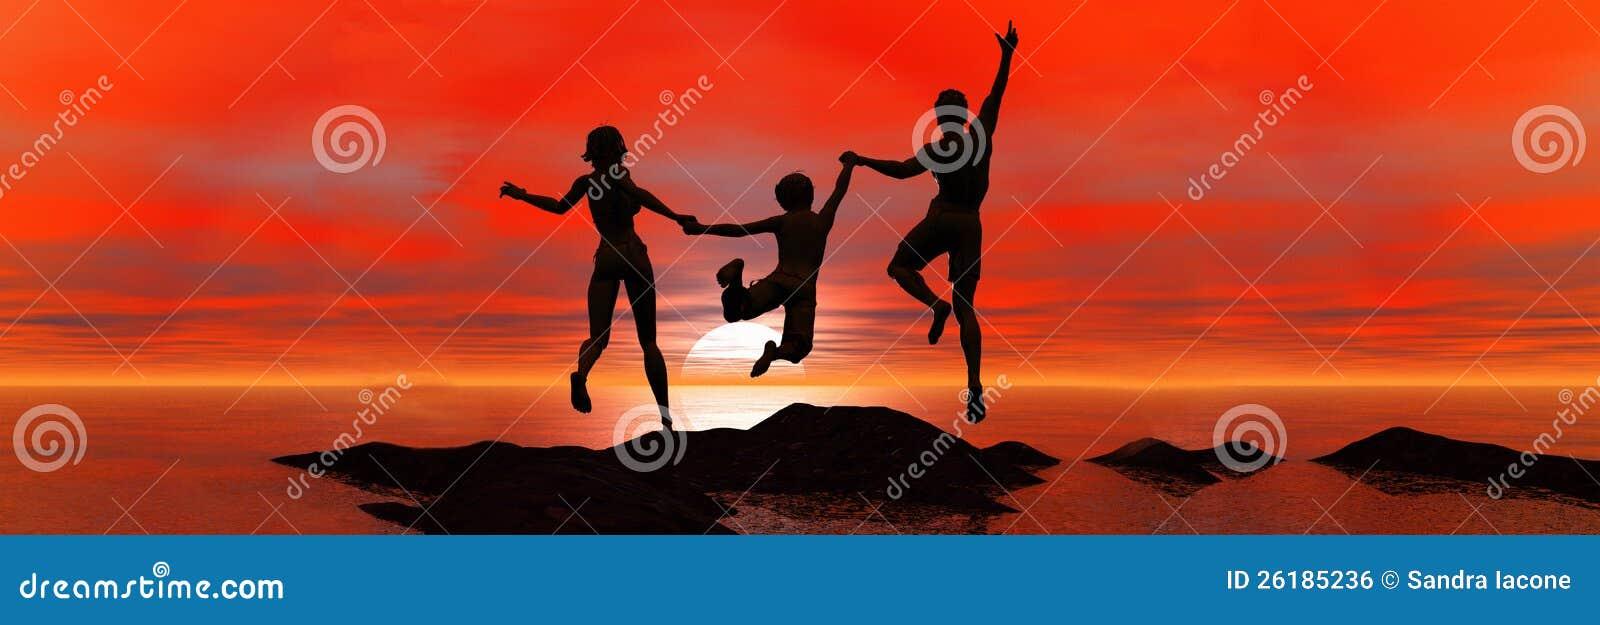 Οικογένεια που πηδά στο ηλιοβασίλεμα θάλασσας